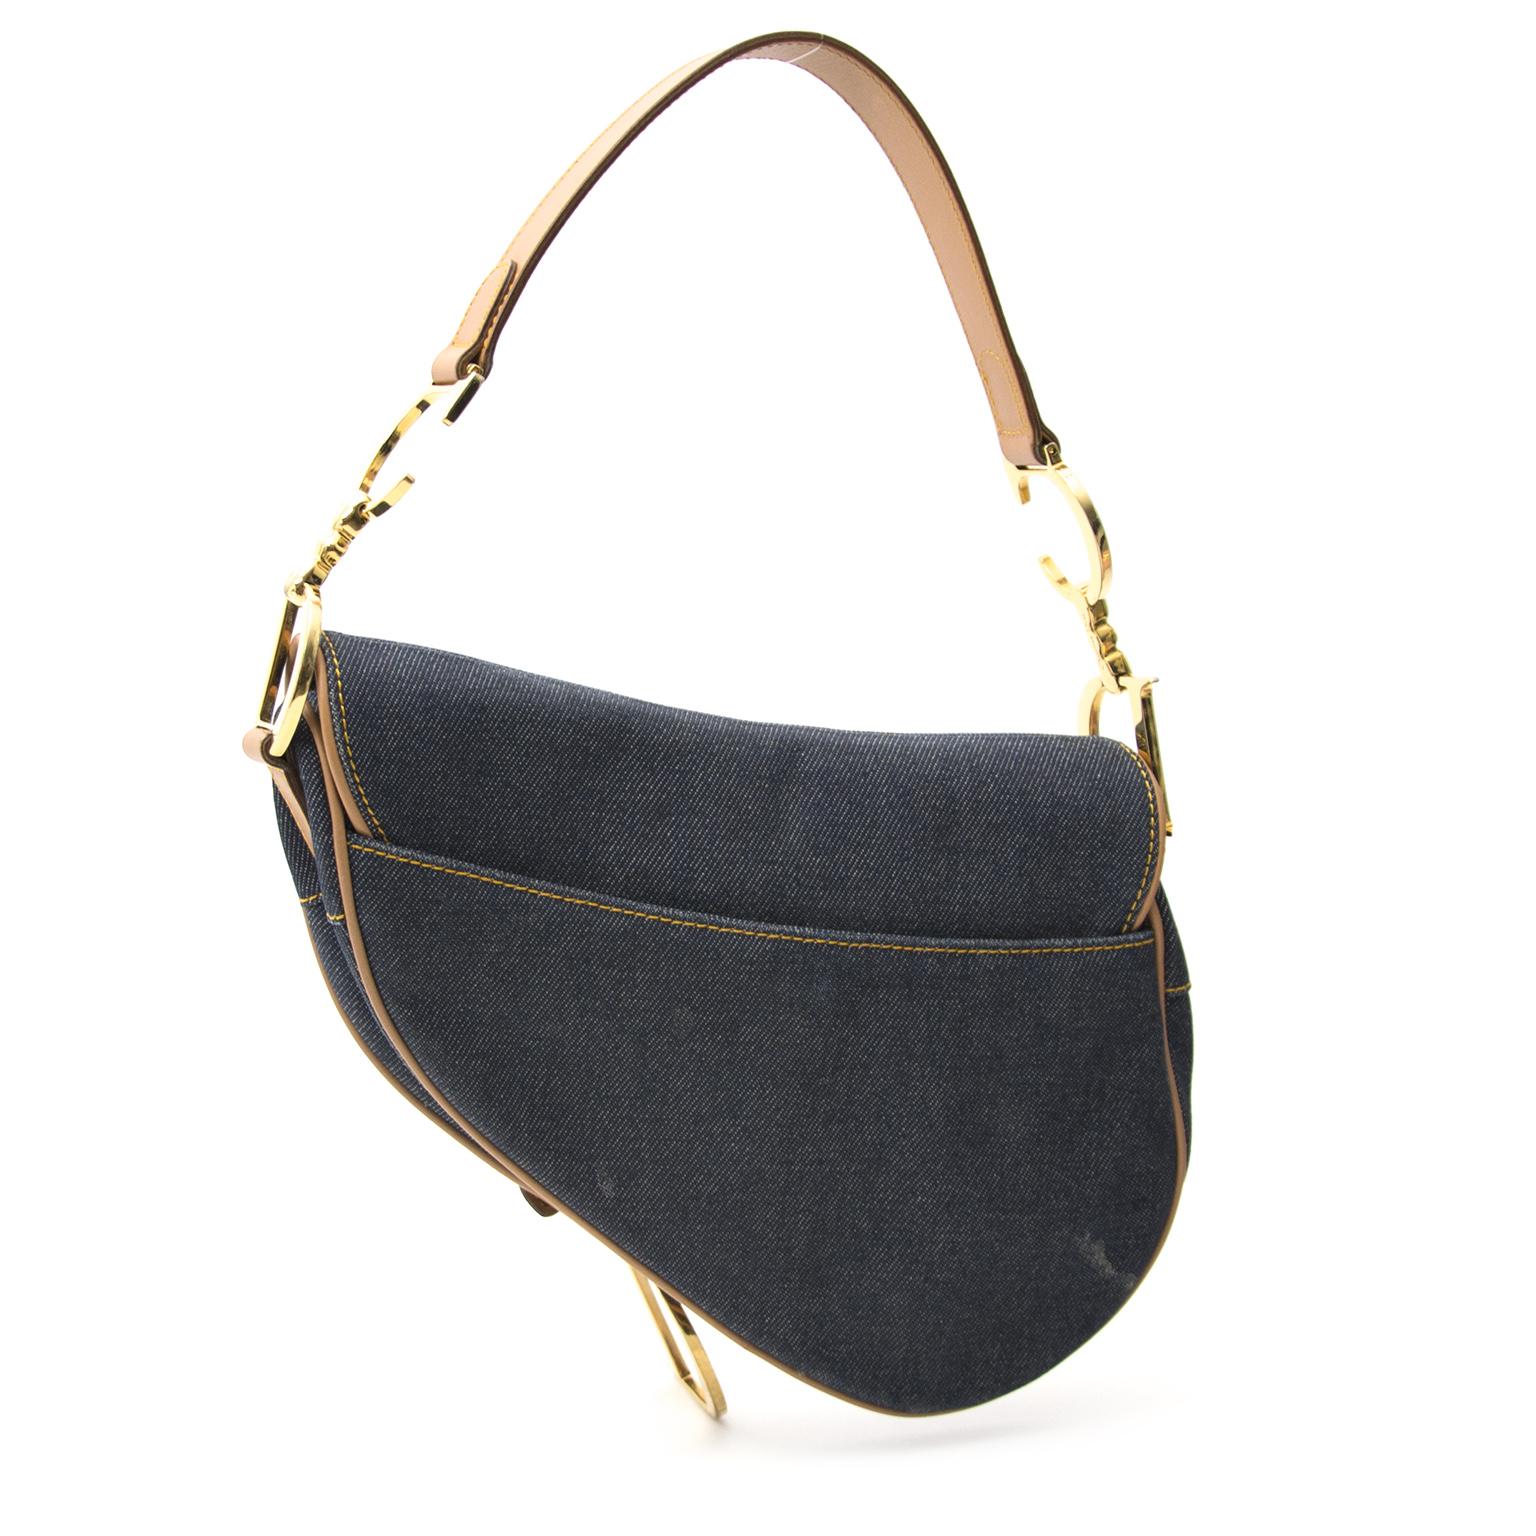 7a2de607f188 ... Acheter secur en ligne votre sac Christian Dior Denim Saddle pour le  meilleur prix